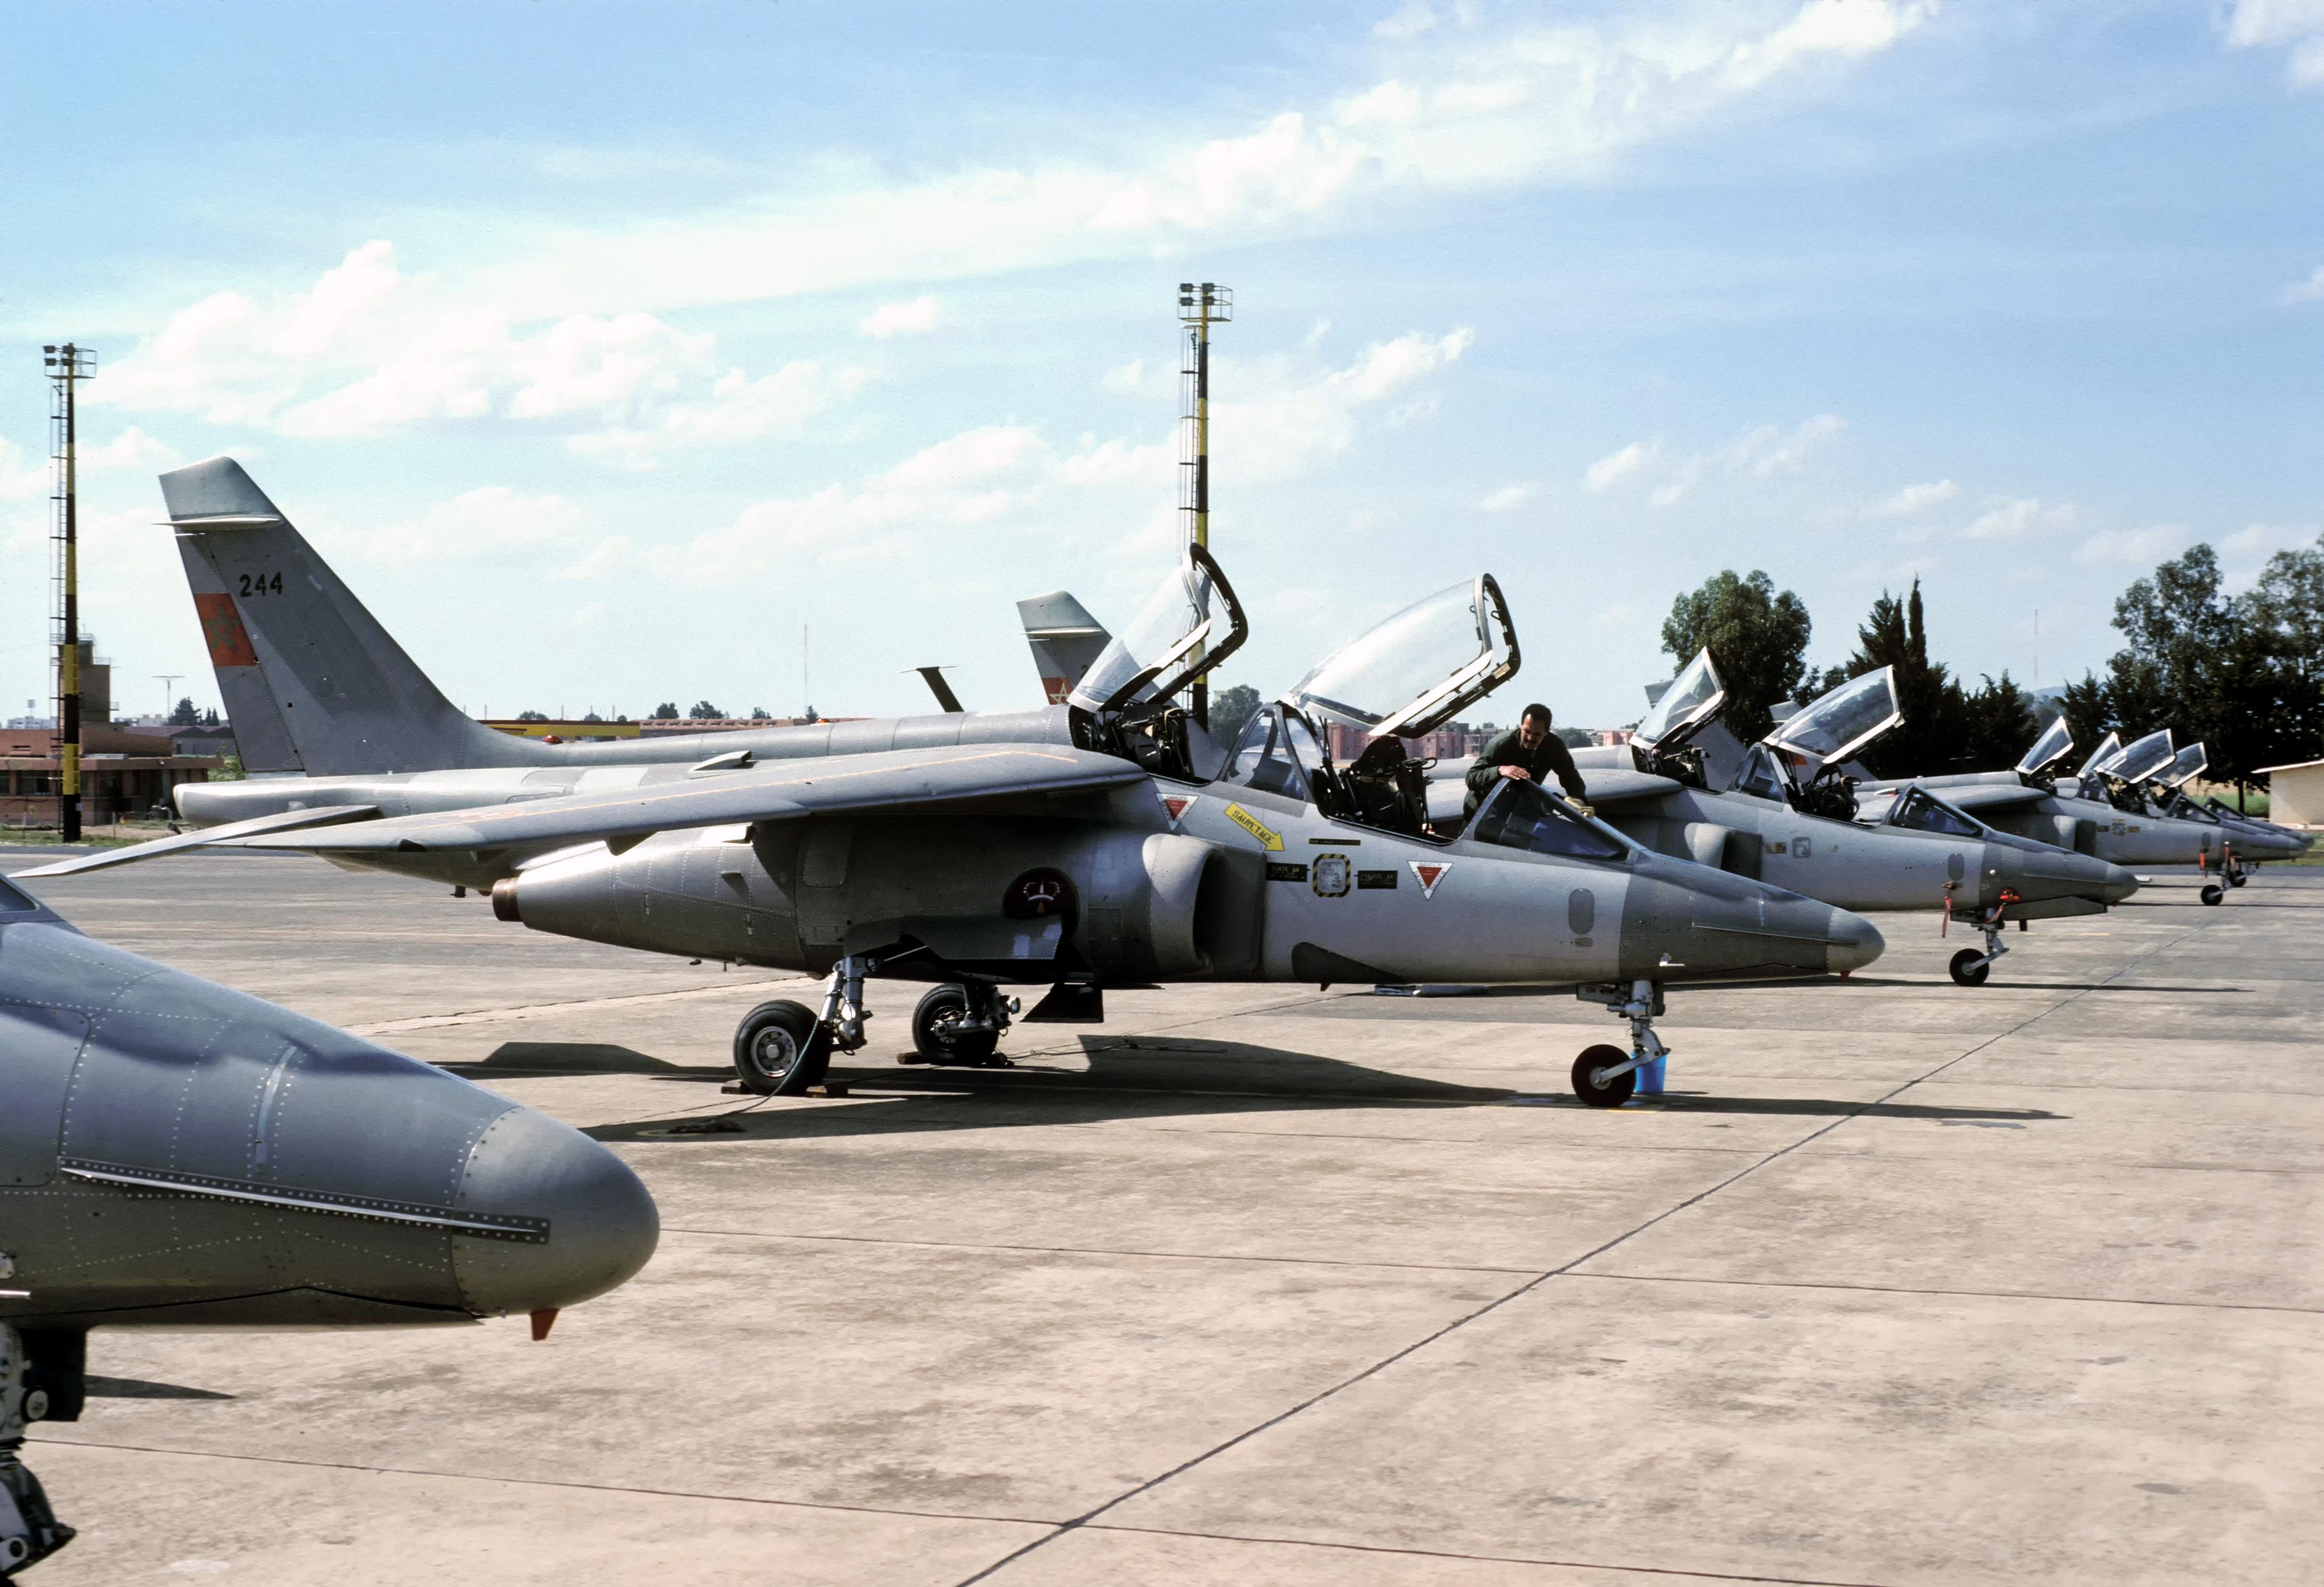 FRA: Photos avions d'entrainement et anti insurrection - Page 9 33258113991_82ffa383bd_o